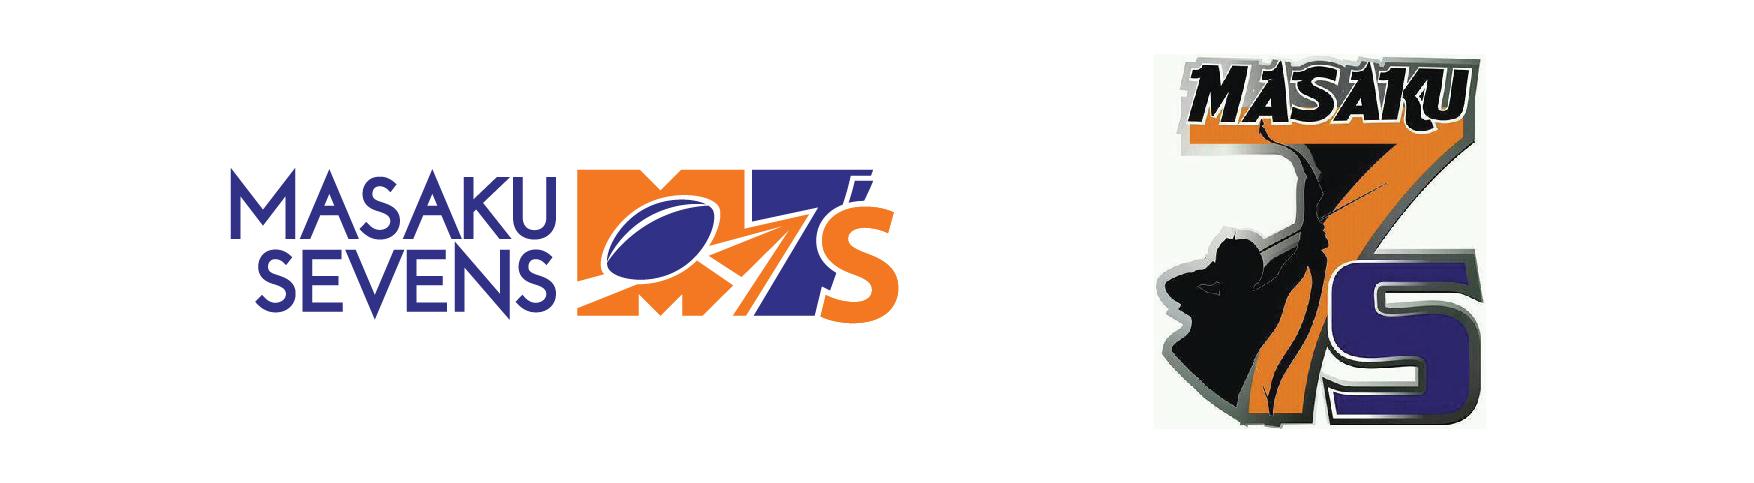 Masaku Sevens Logo 1-06